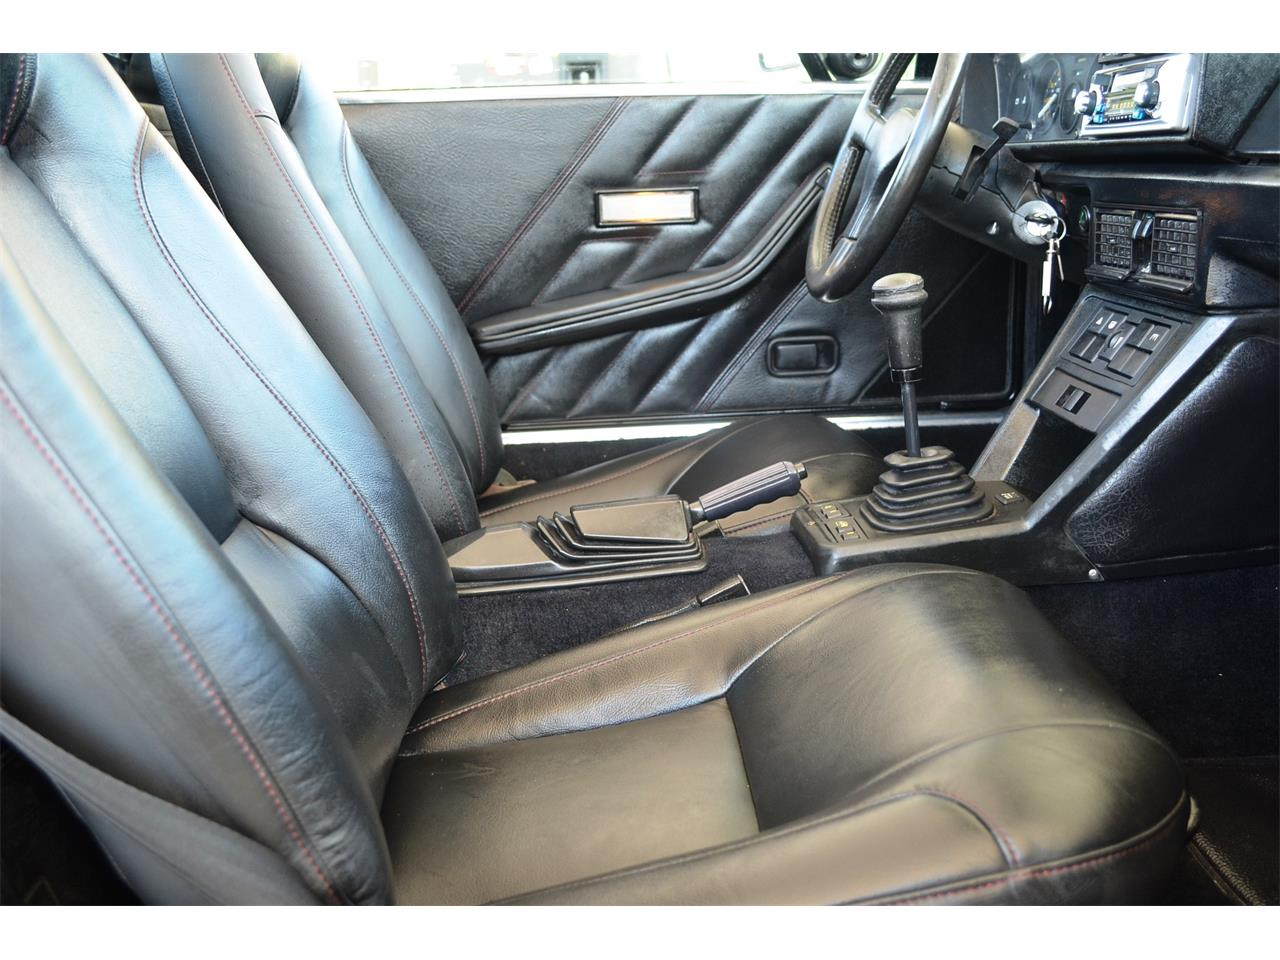 1987 Bertone X1/9 (CC-1379396) for sale in Barrington, Illinois